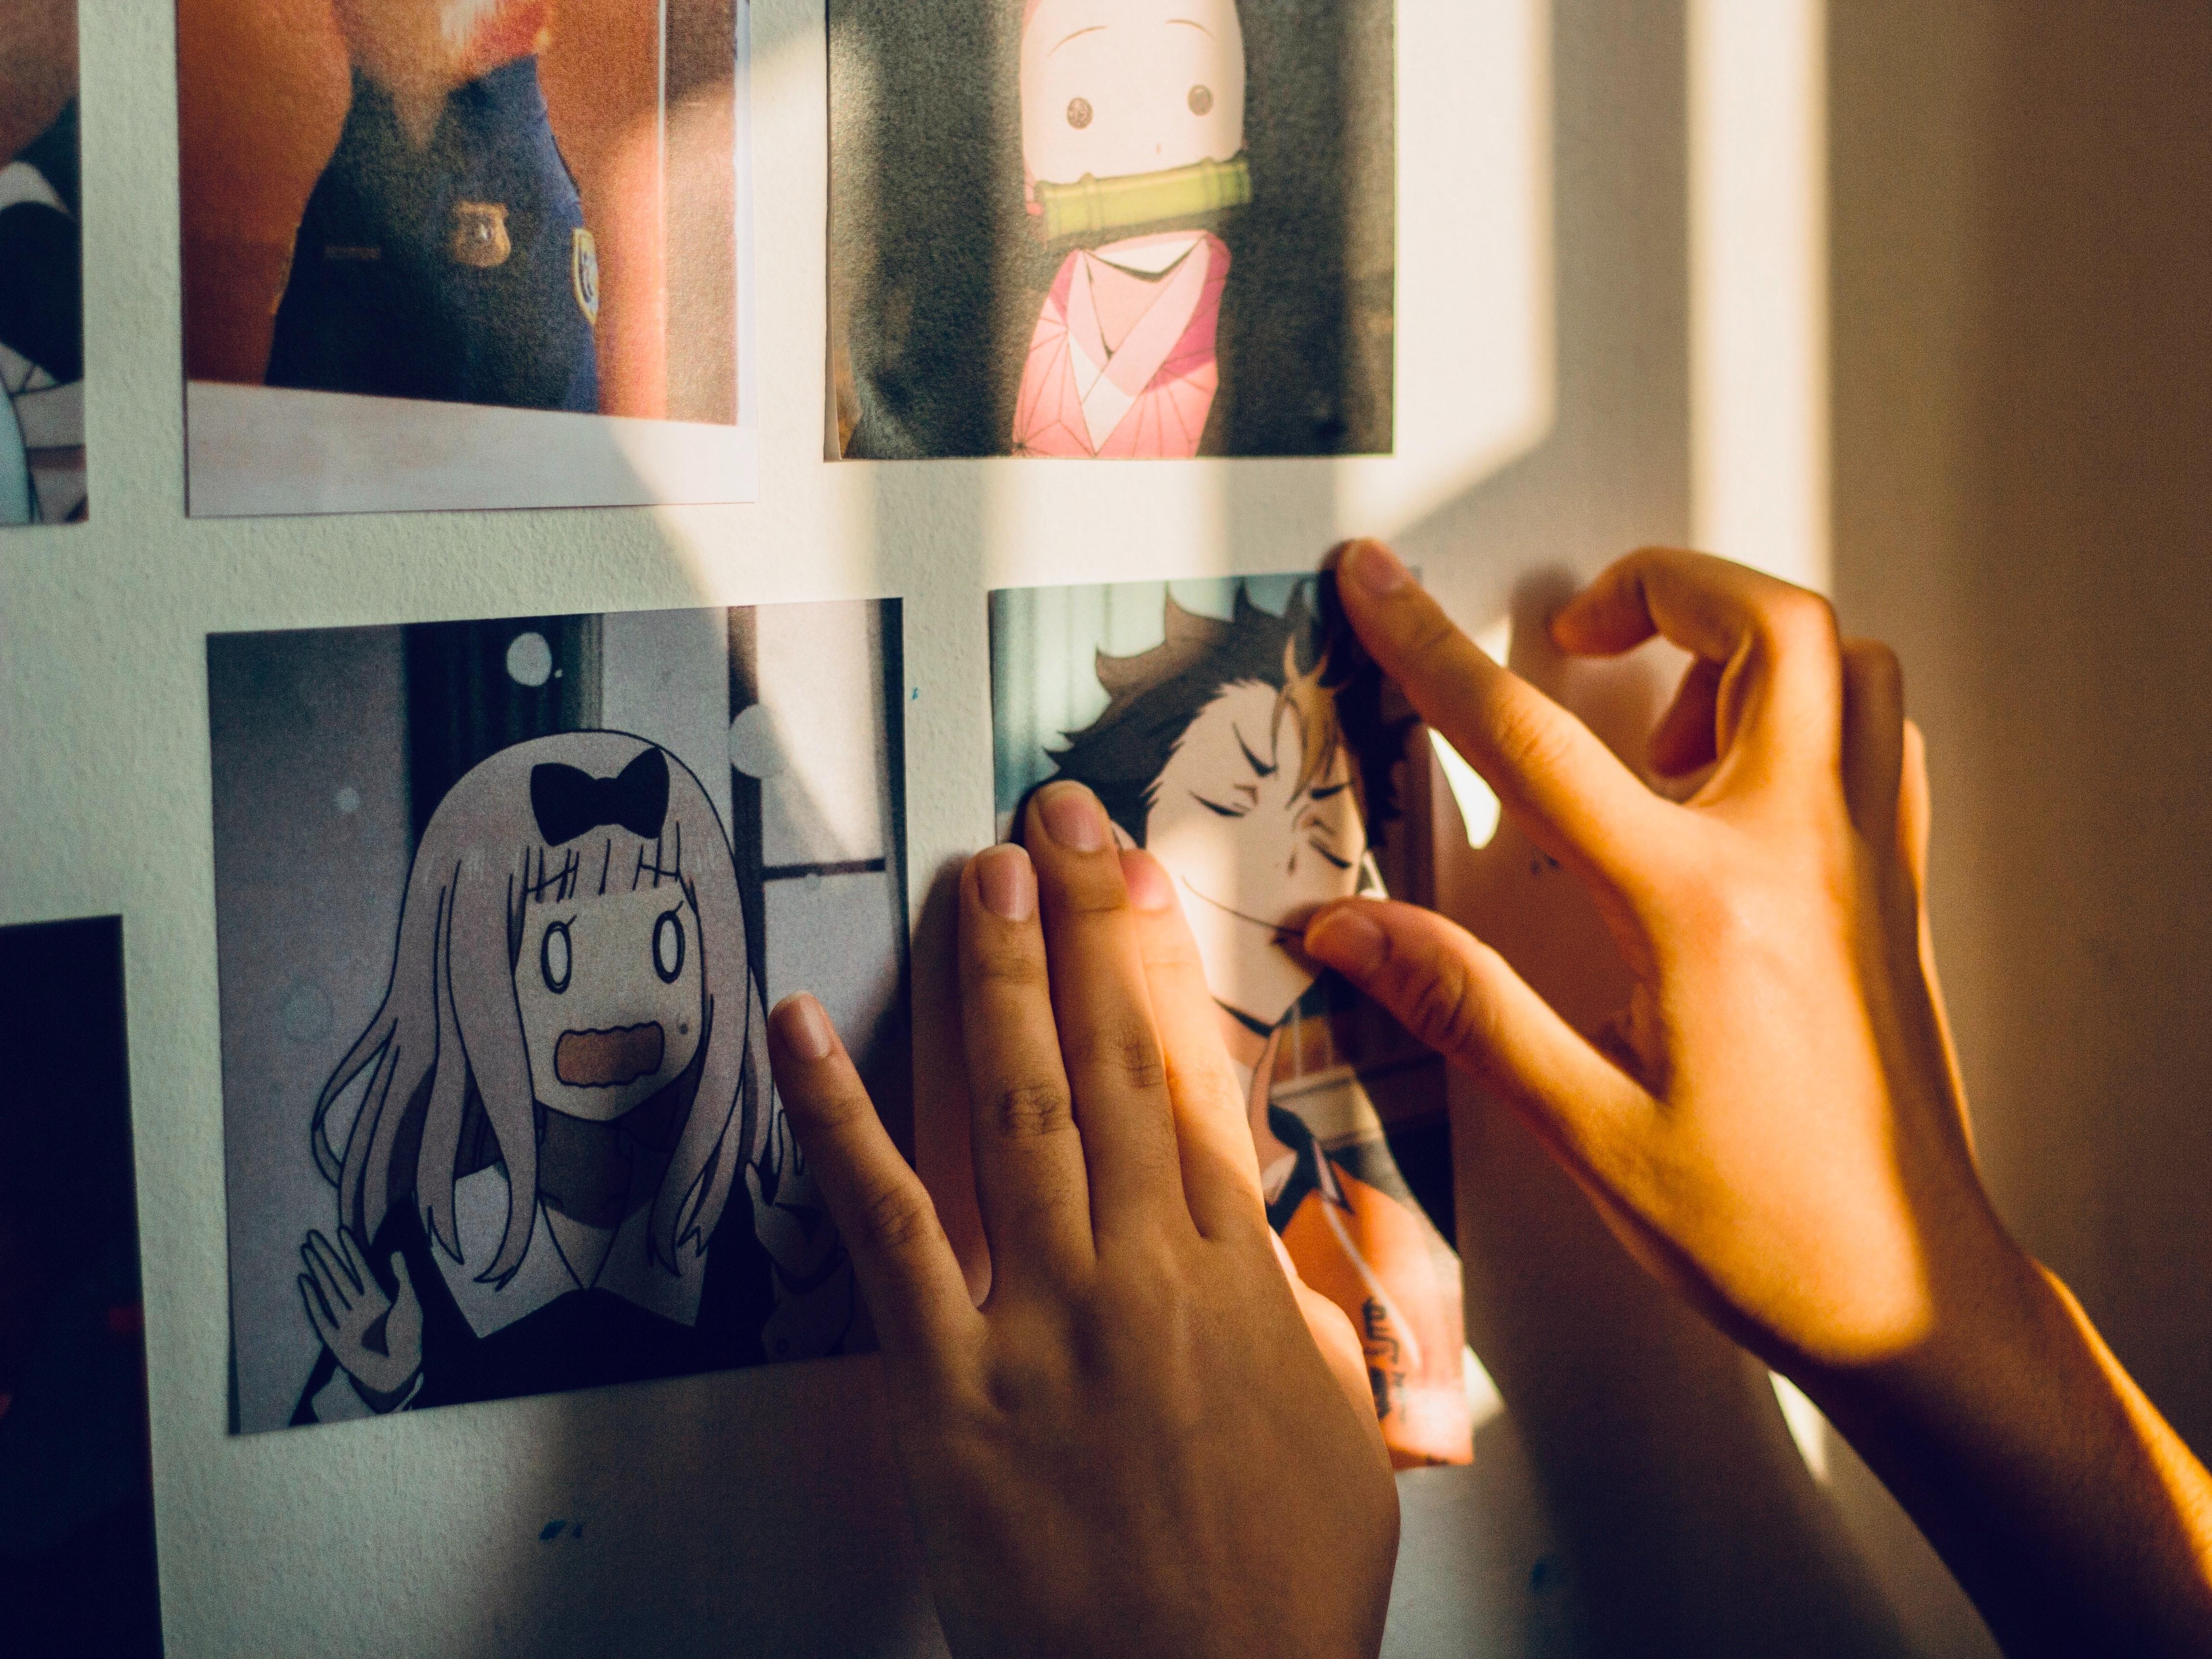 Anime e Manga: un mondo di articoli su Wish